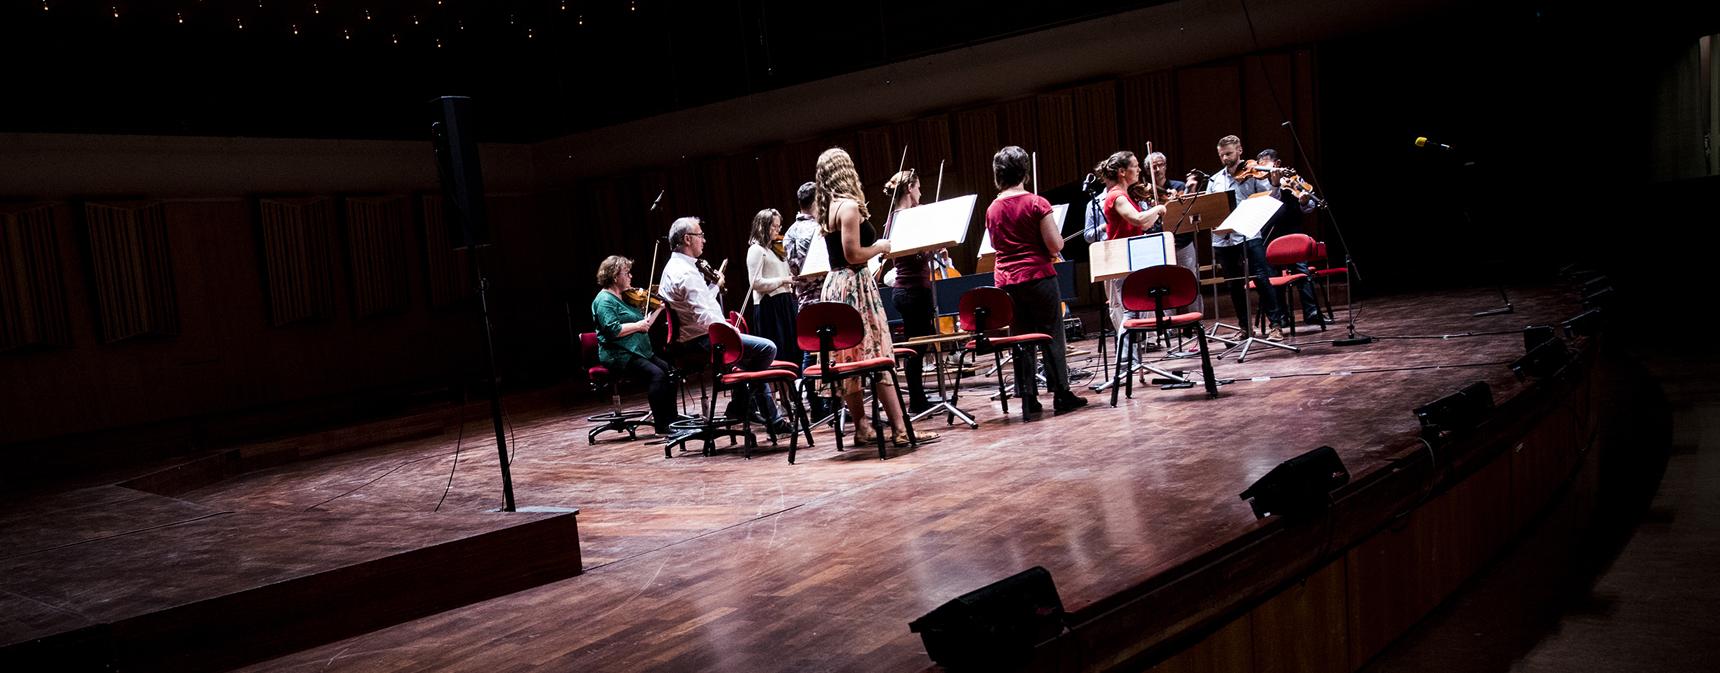 Alla orkestermedlemmar i Musica Vitae, samt Malin Broman, står på en scen